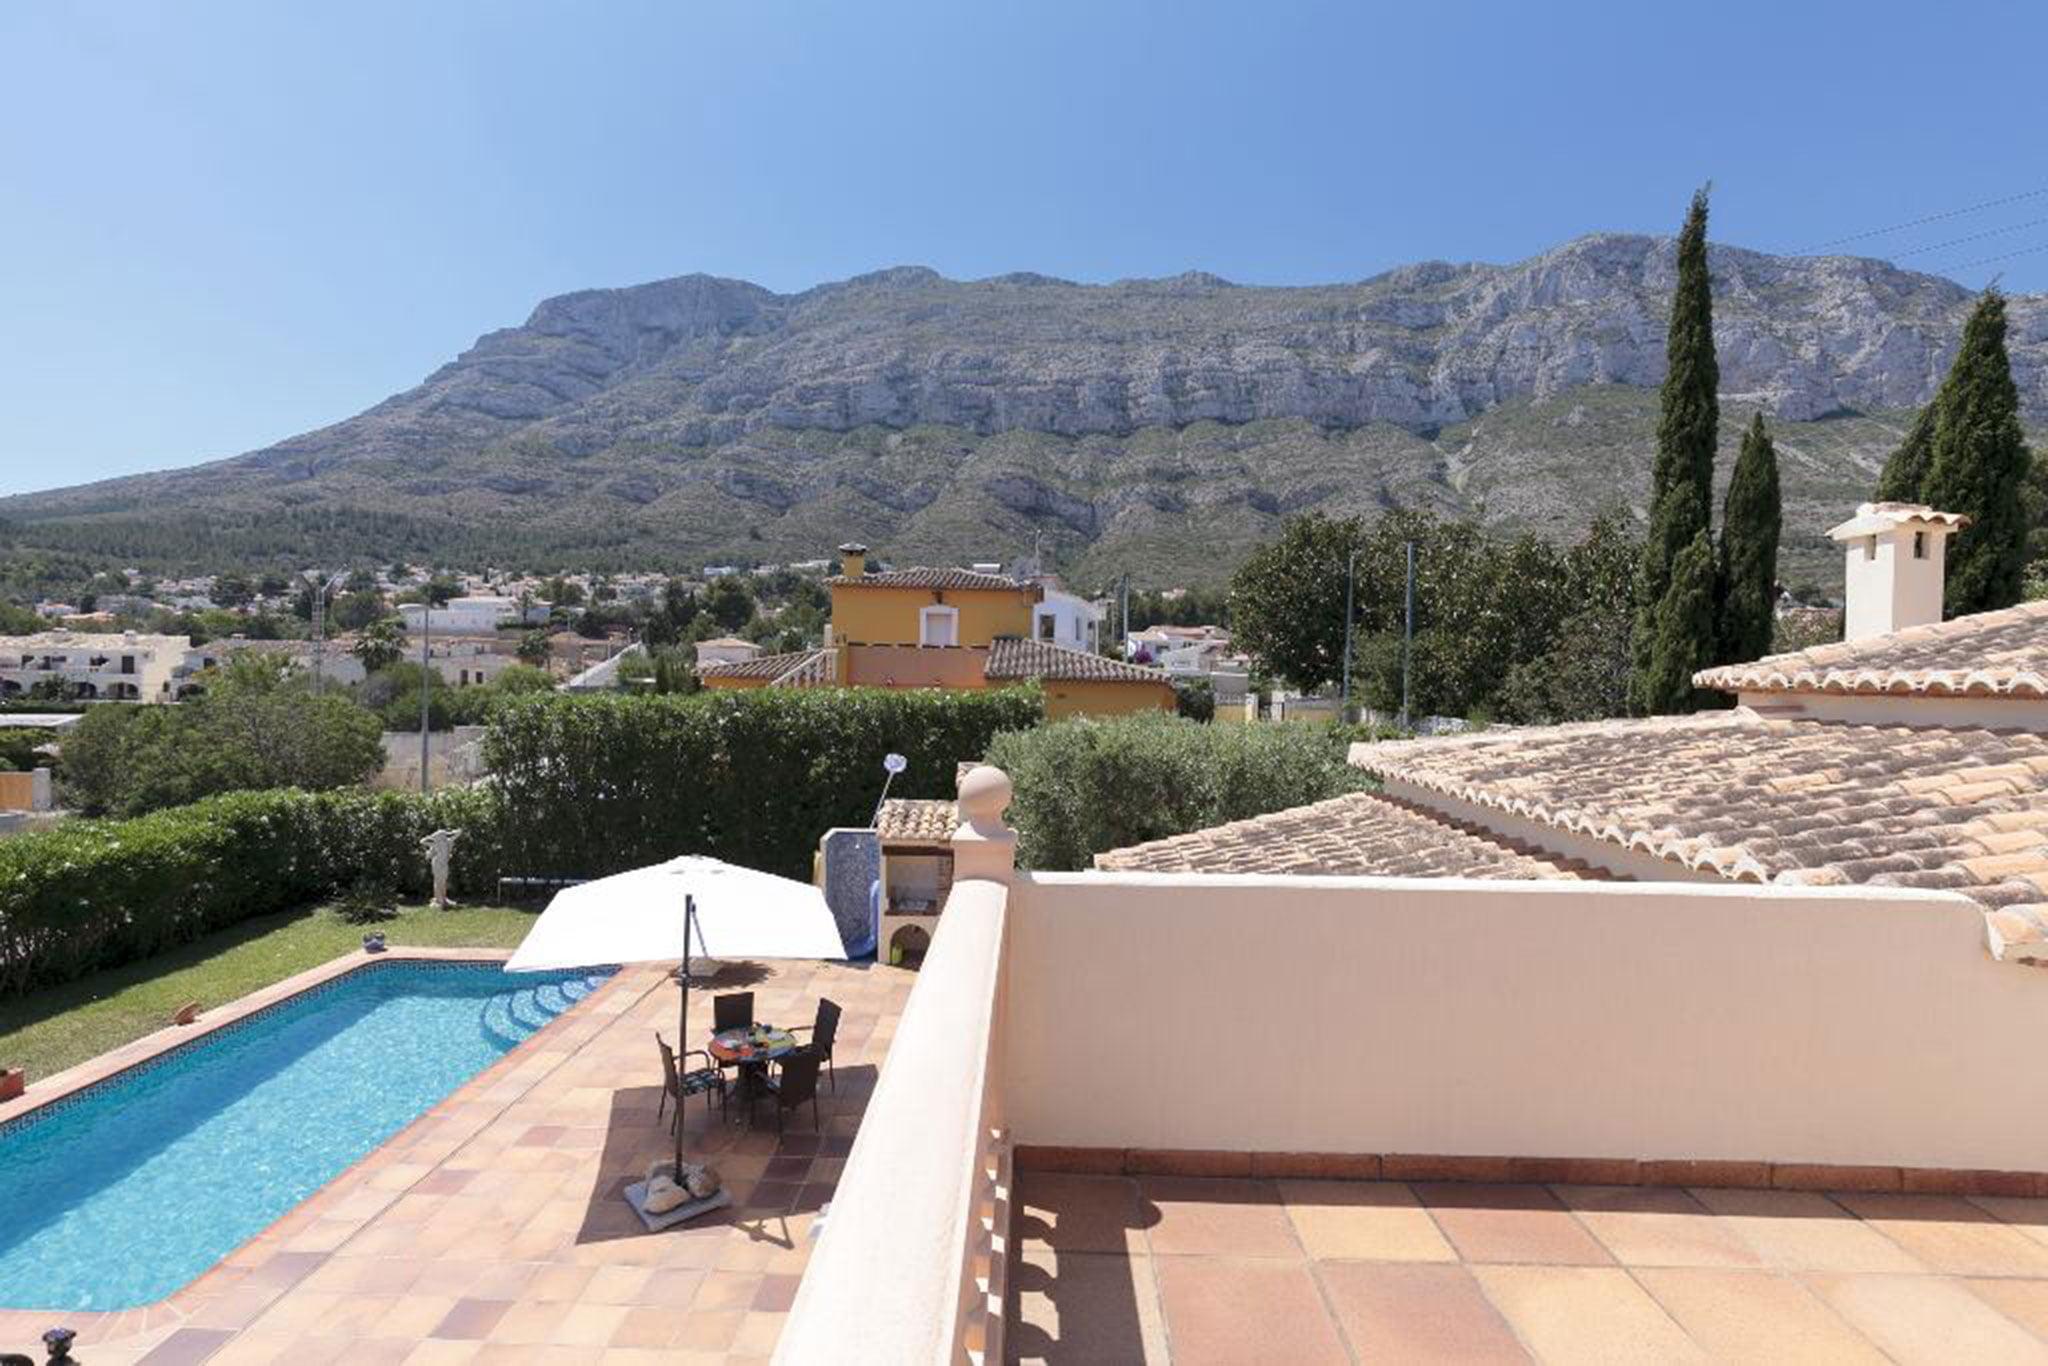 Vista desde lo alto de una casa en alquiler vacacional en Dénia – Quality Rent a Villa